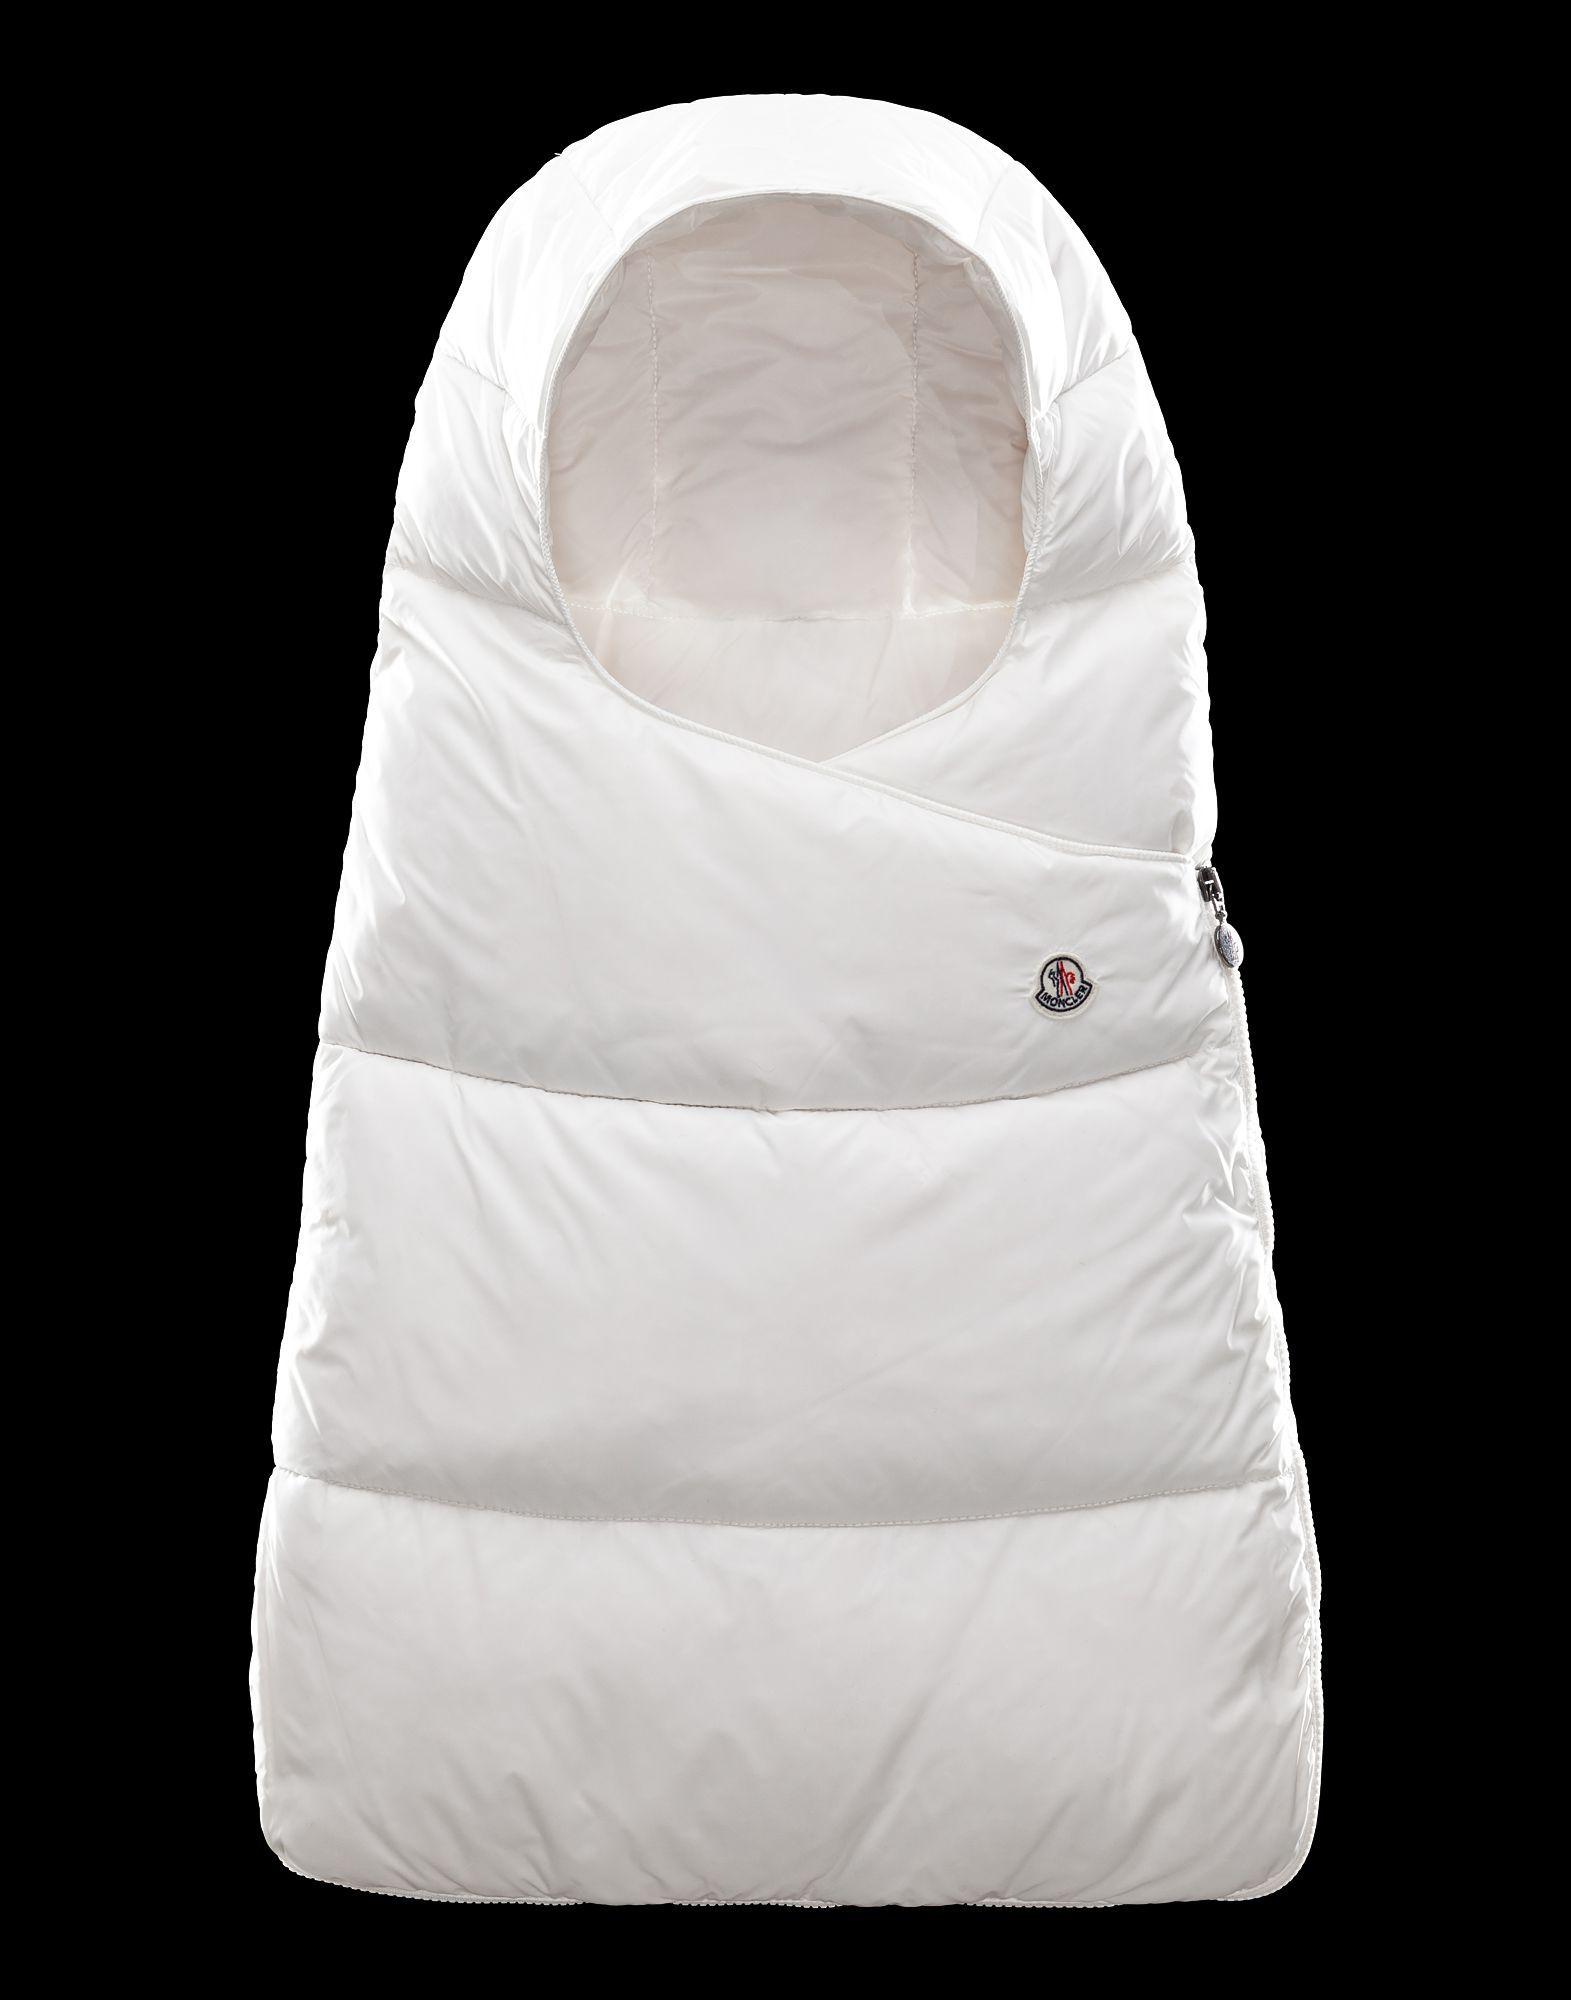 MONCLER ENFANT - Autumn/Winter 12-13 - OUTERWEAR - Snowsuit bag - SNOWSUIT BAG